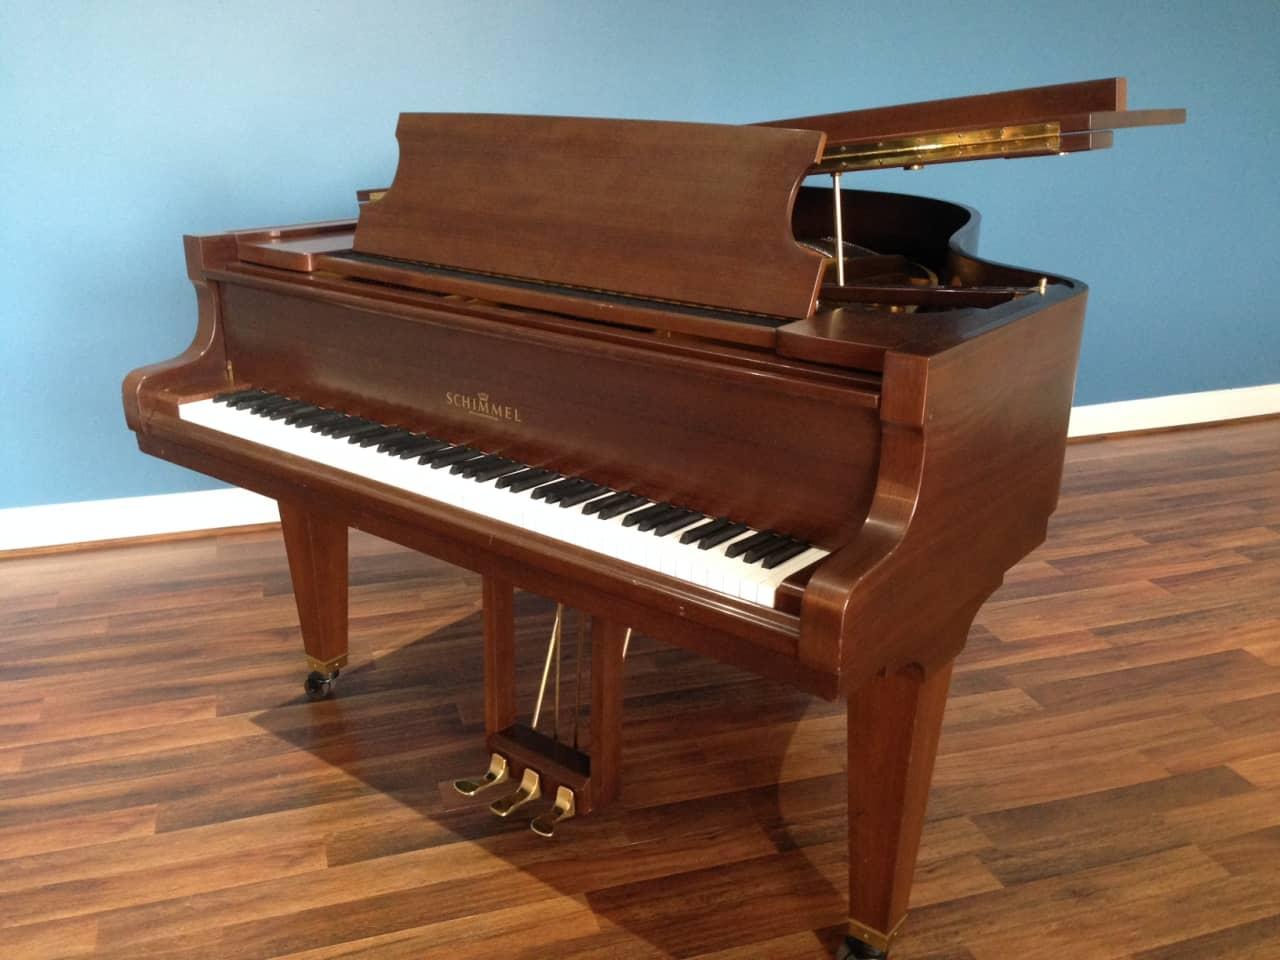 Schimmel t174 grand piano freeburg pianos reverb for Royal pianos